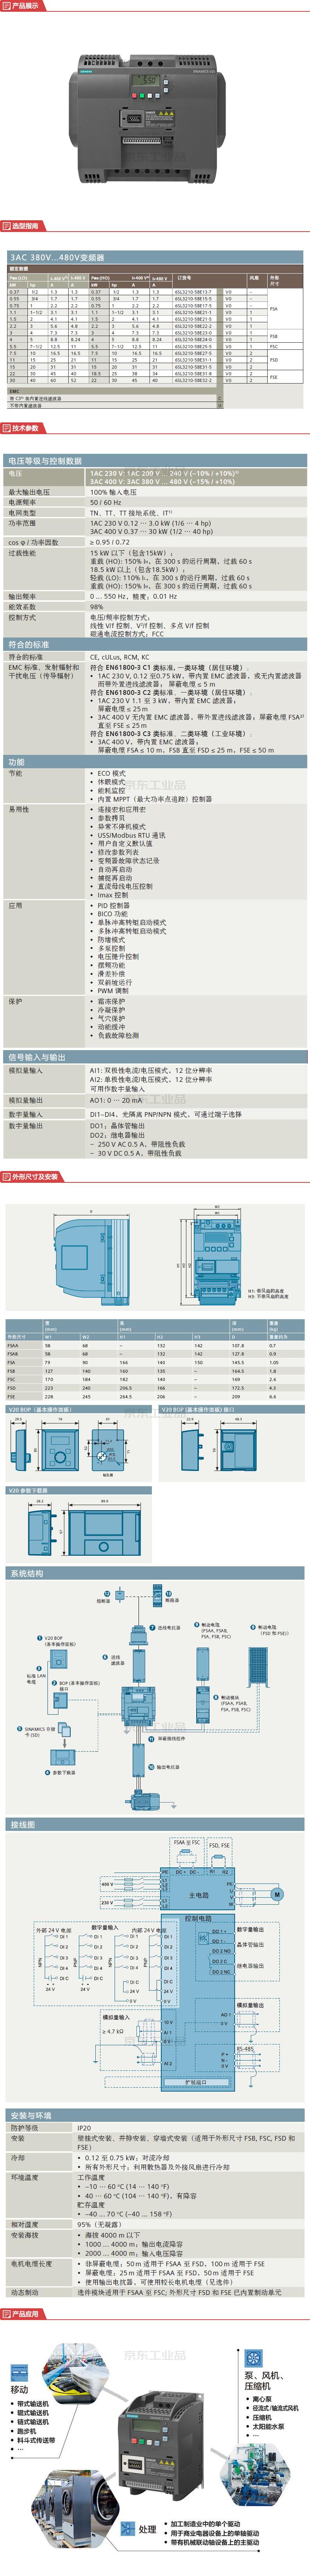 西门子 SINAMICS V20 3AC 380V变频器,无内置滤波器 7.5kW AC380-480V;6SL3210-5BE27-5UV0